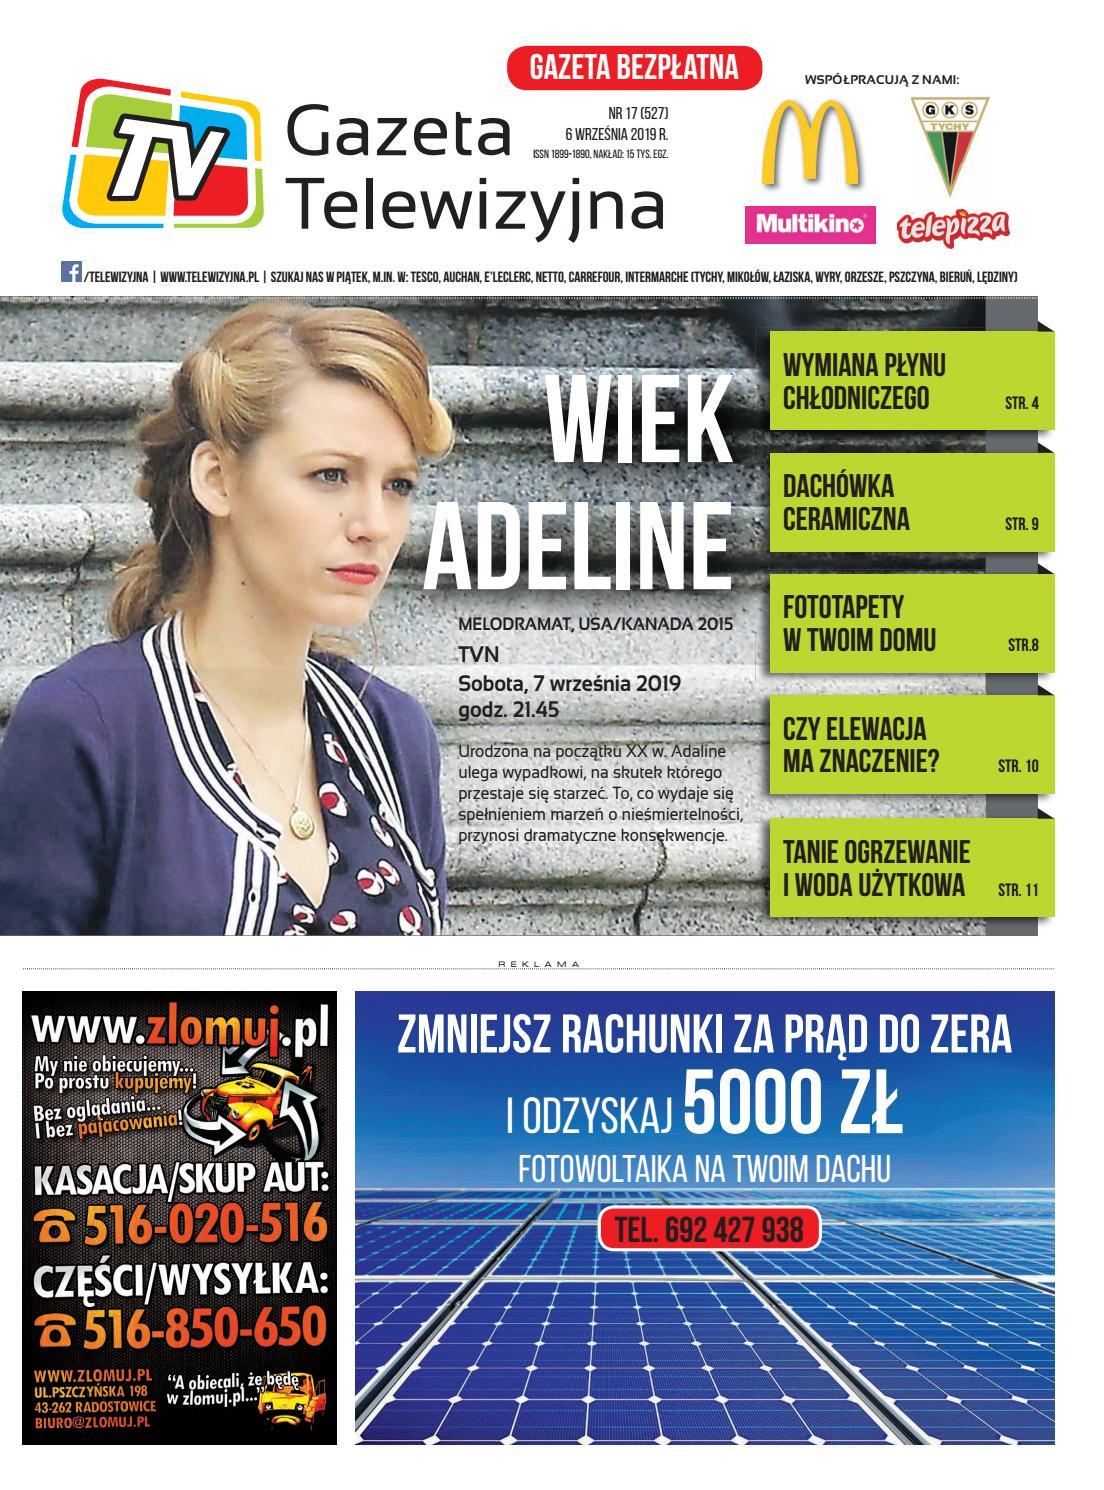 Najpopularniejszy portal randkowy węgry